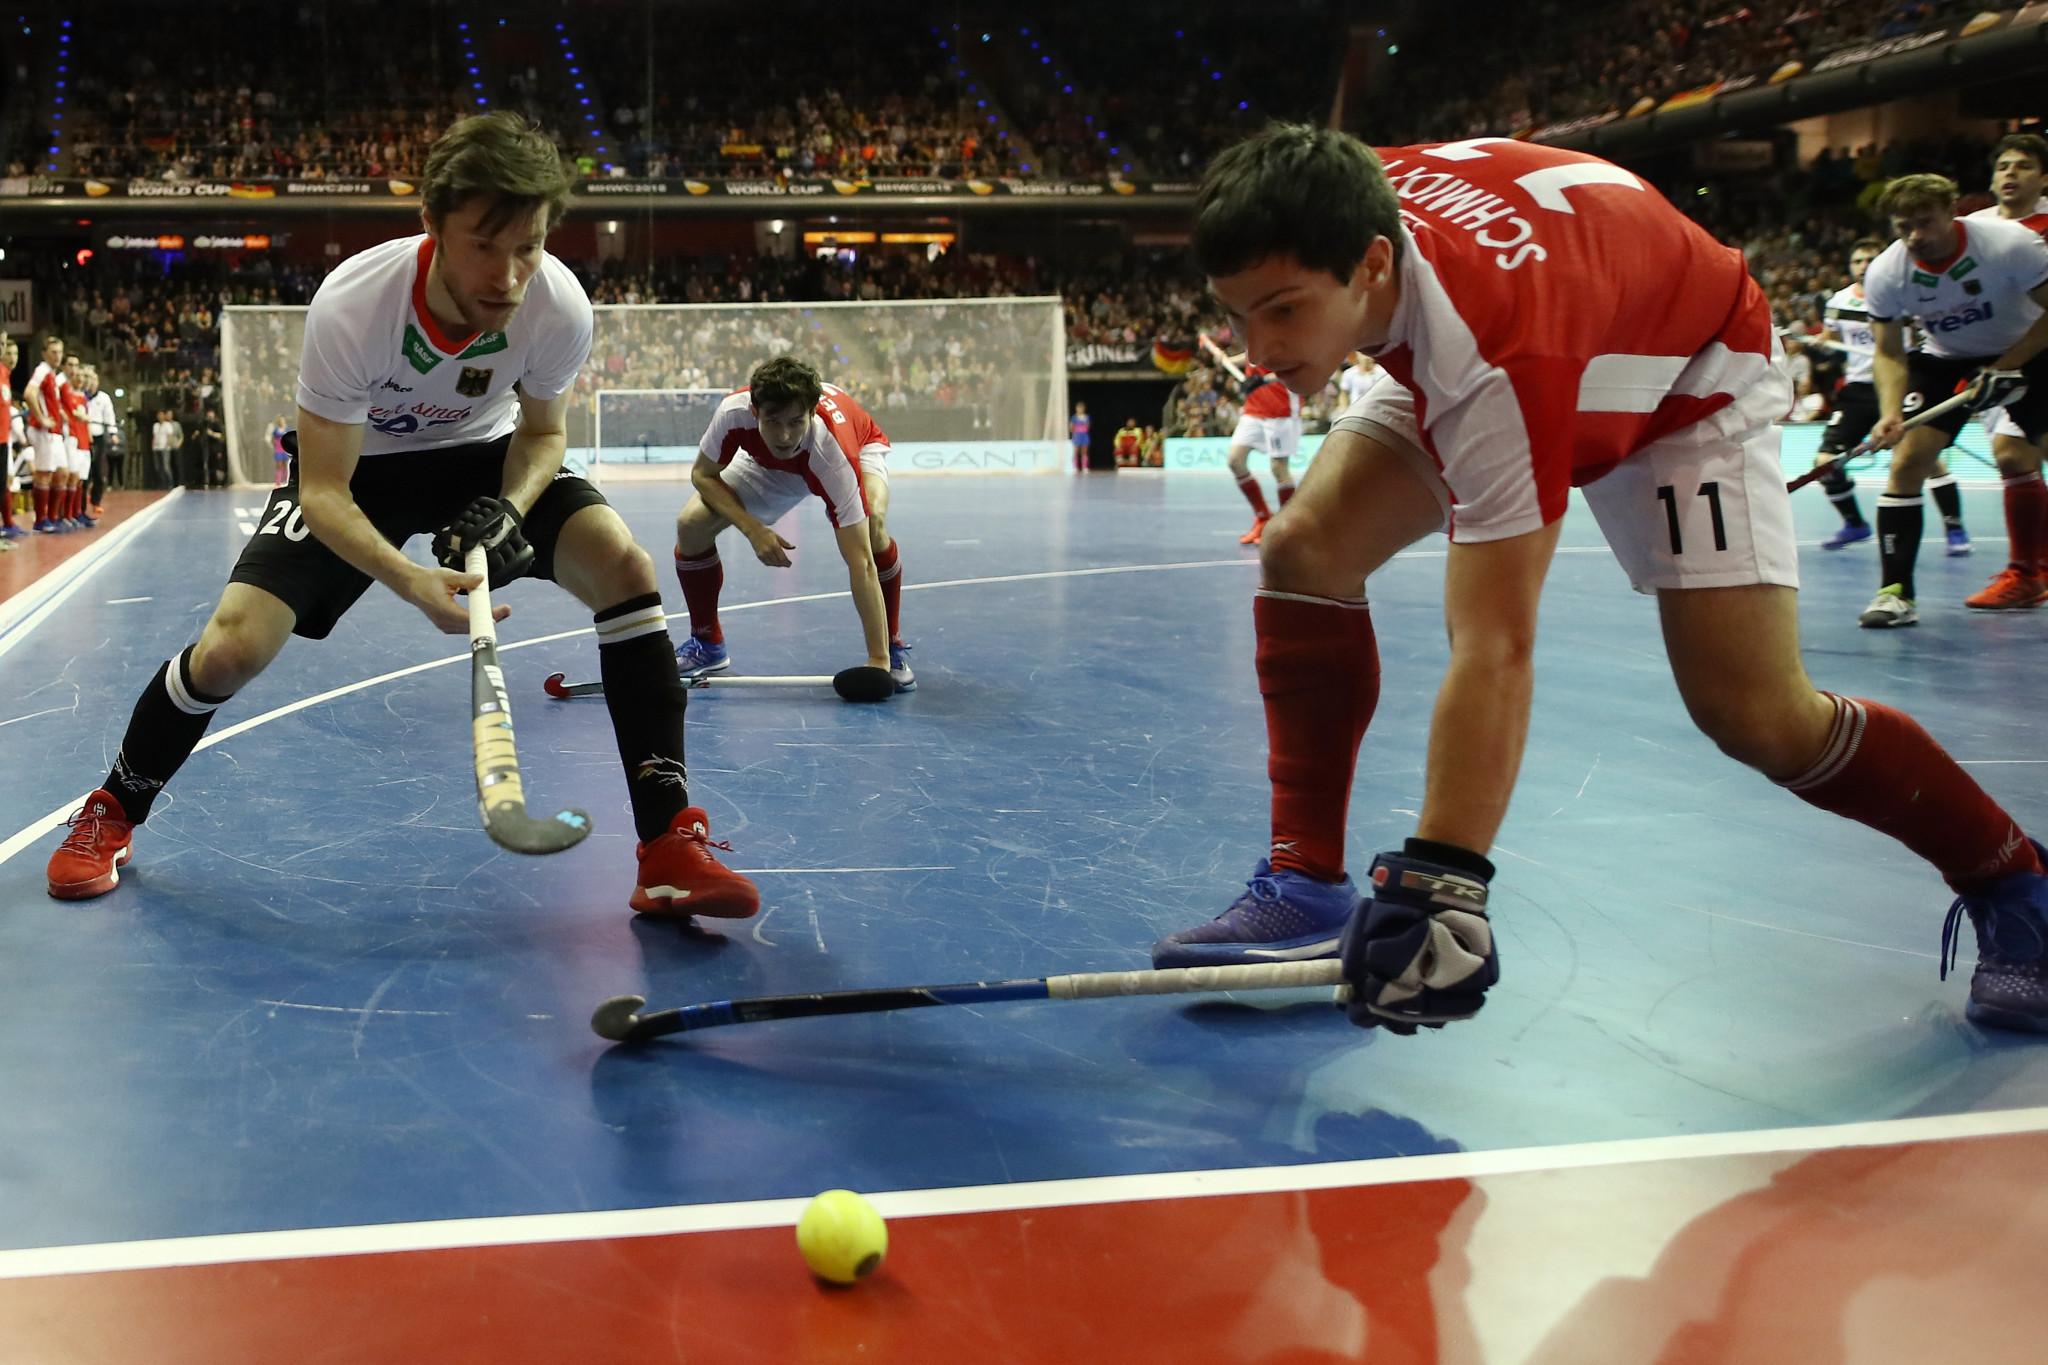 Belgium to host FIH Indoor Hockey World Cup 2021